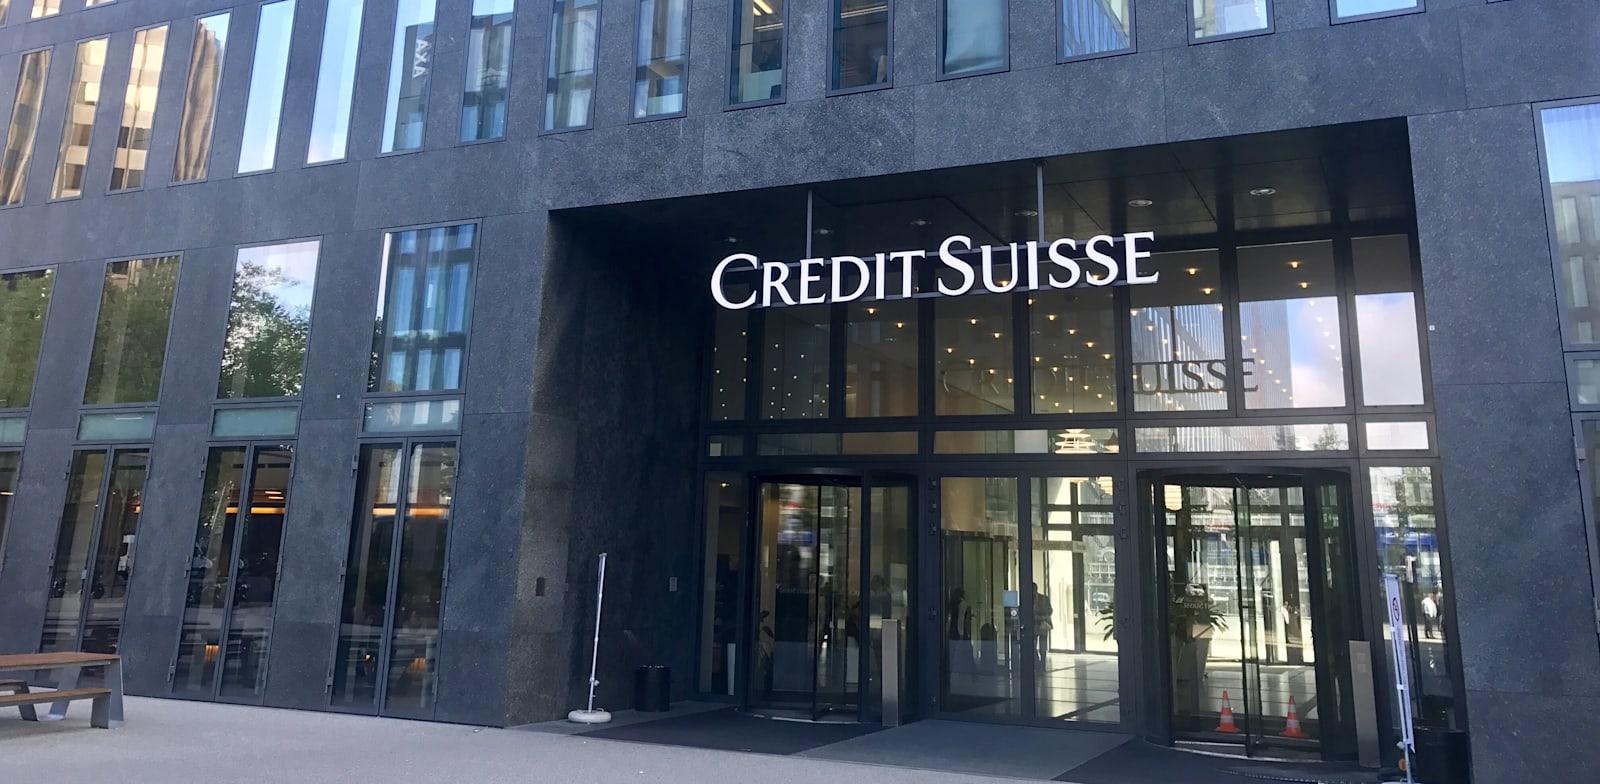 סניף של קרדיט סוויס. הבנק ייבדק על ידי הרגולטור השווייצרי / צילום: Shutterstock